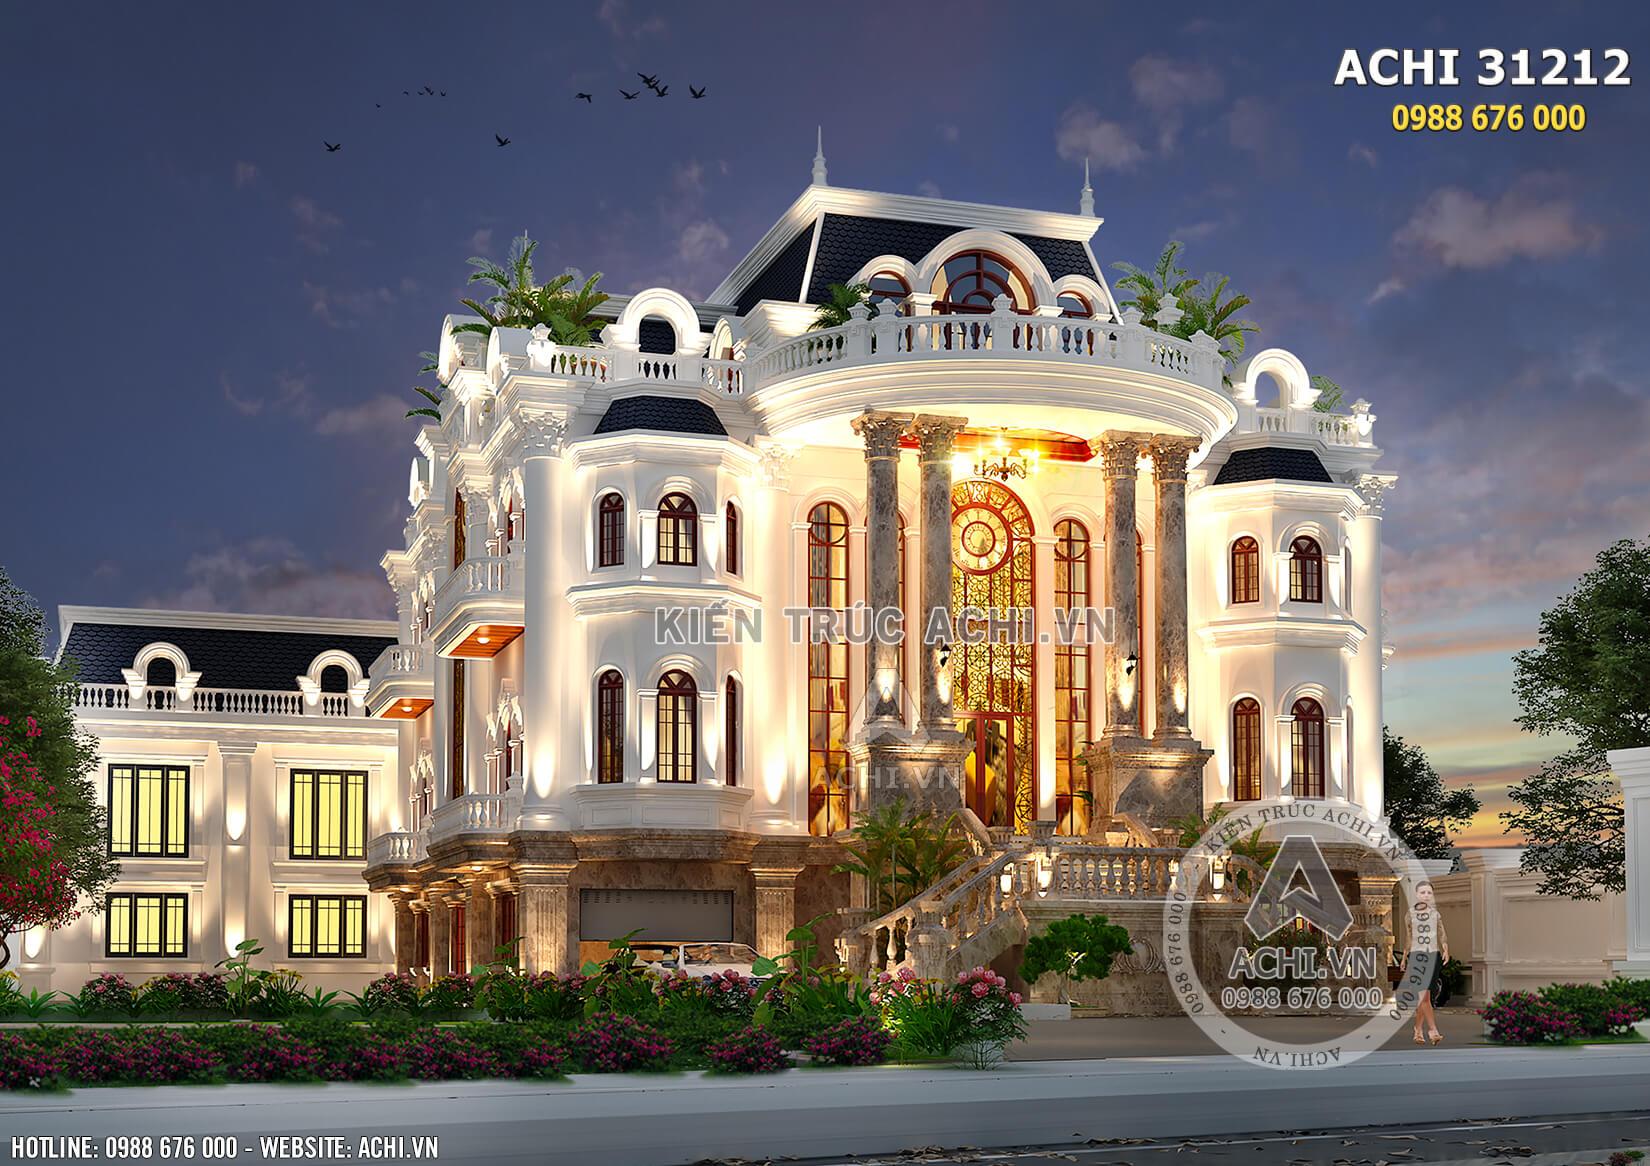 Kiến trúc Pháp đẹp như cung điện hoàng gia của mẫu biệt thự 3 tầng tân cổ điển